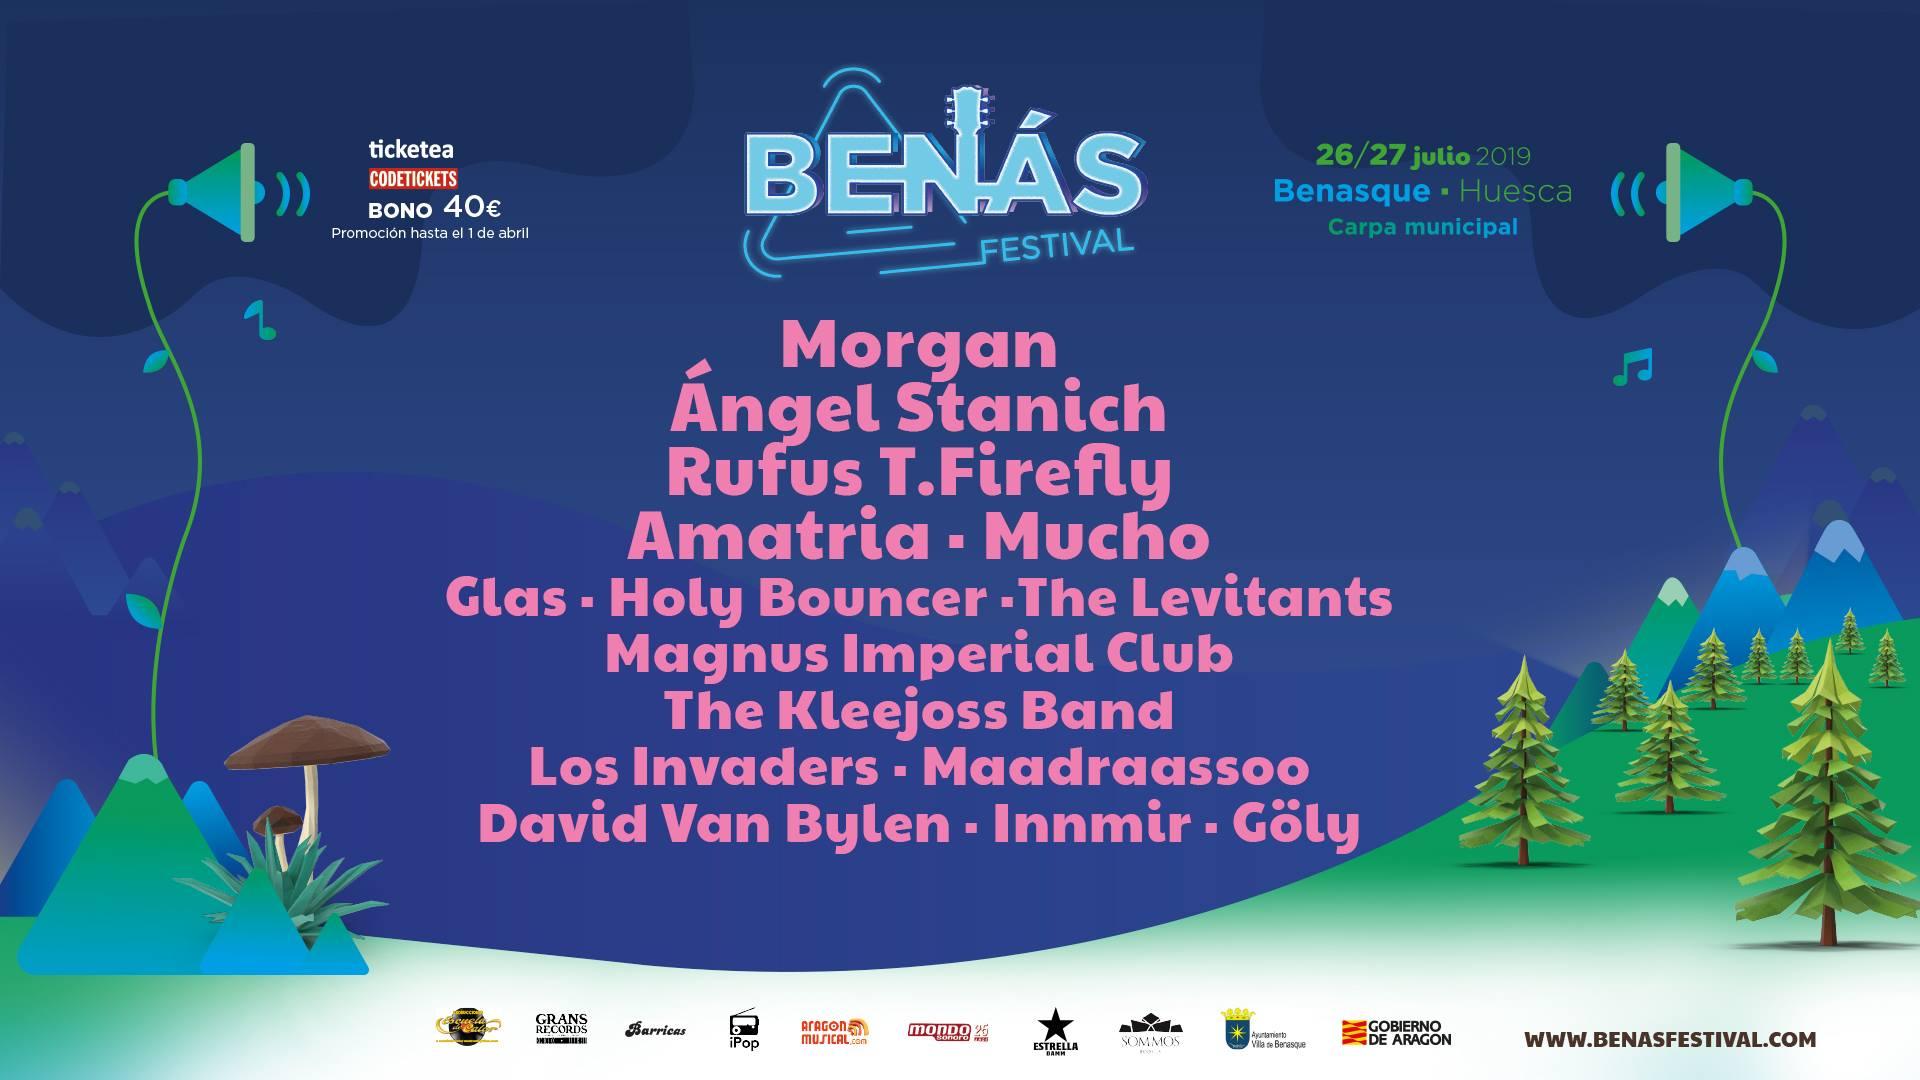 BENAS FESTIVAL